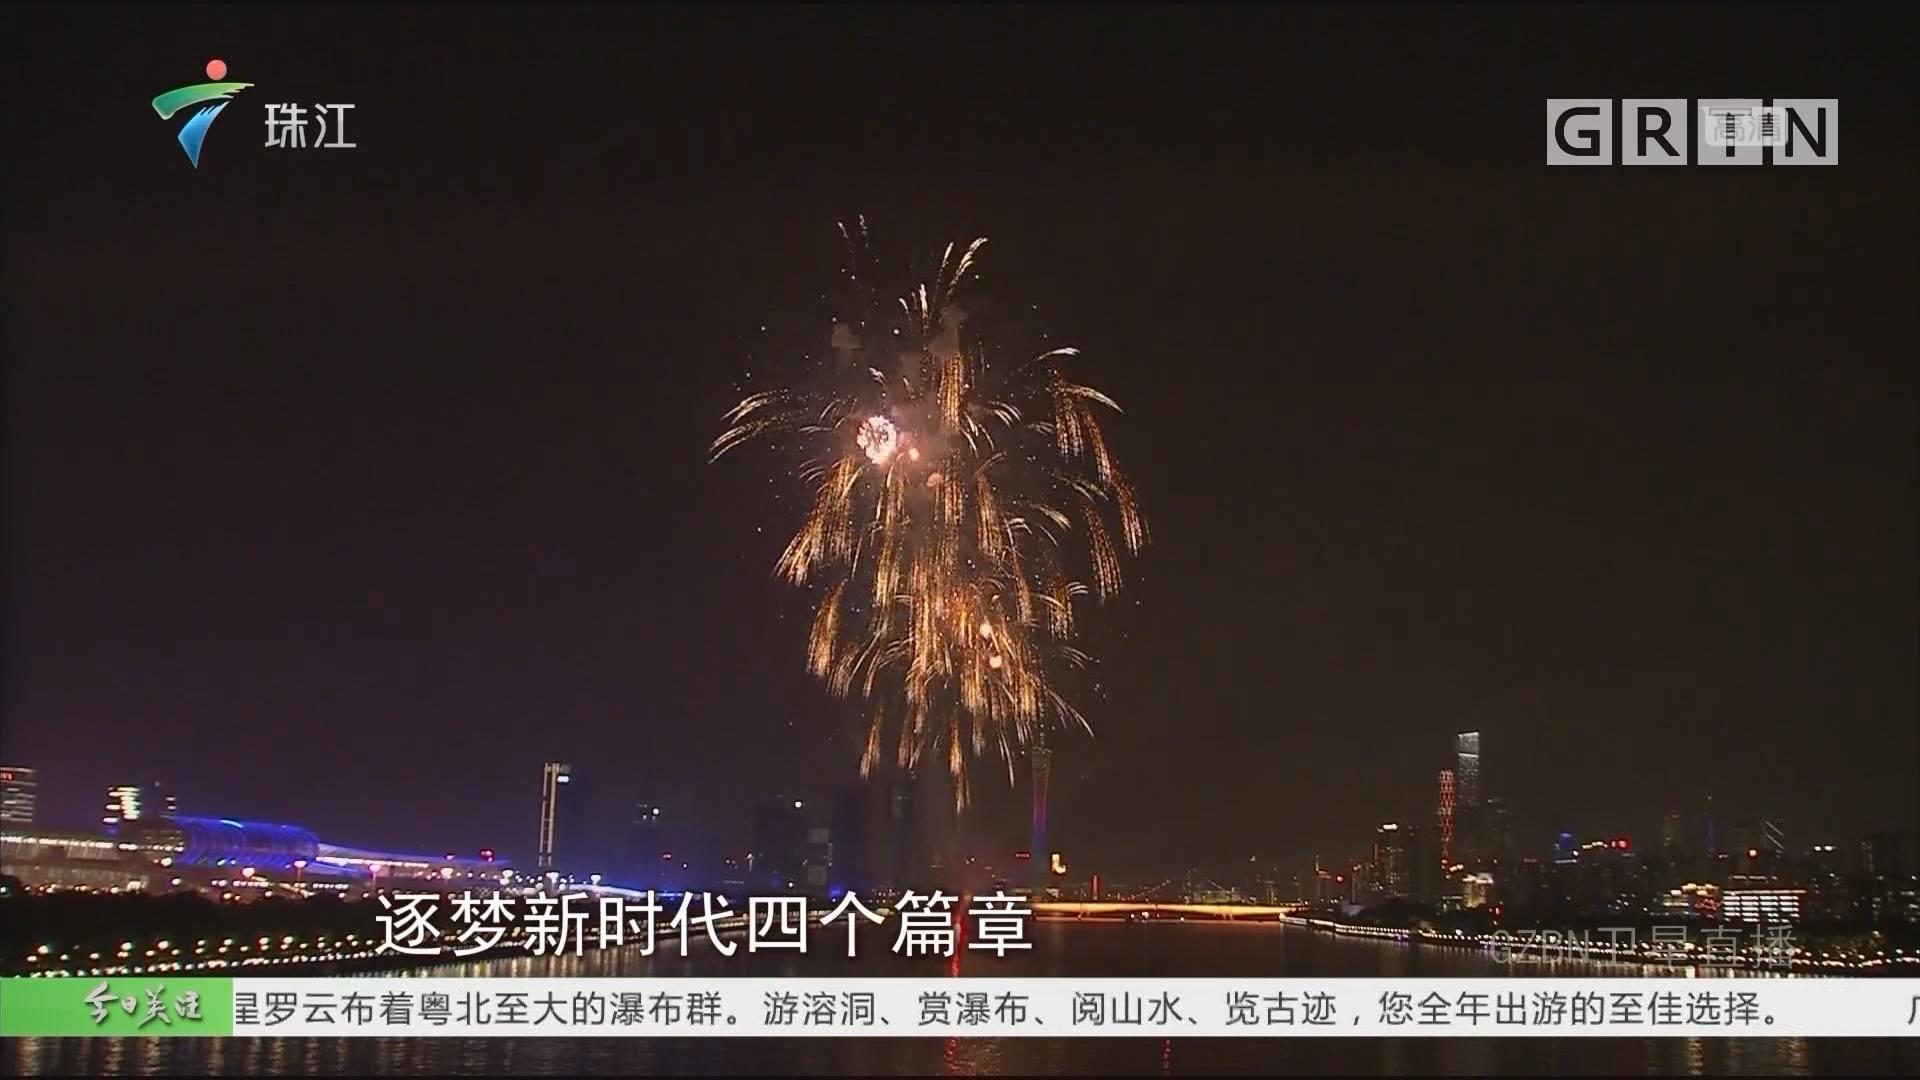 广州深圳珠海同时举办焰火晚会庆祝新中国70华诞